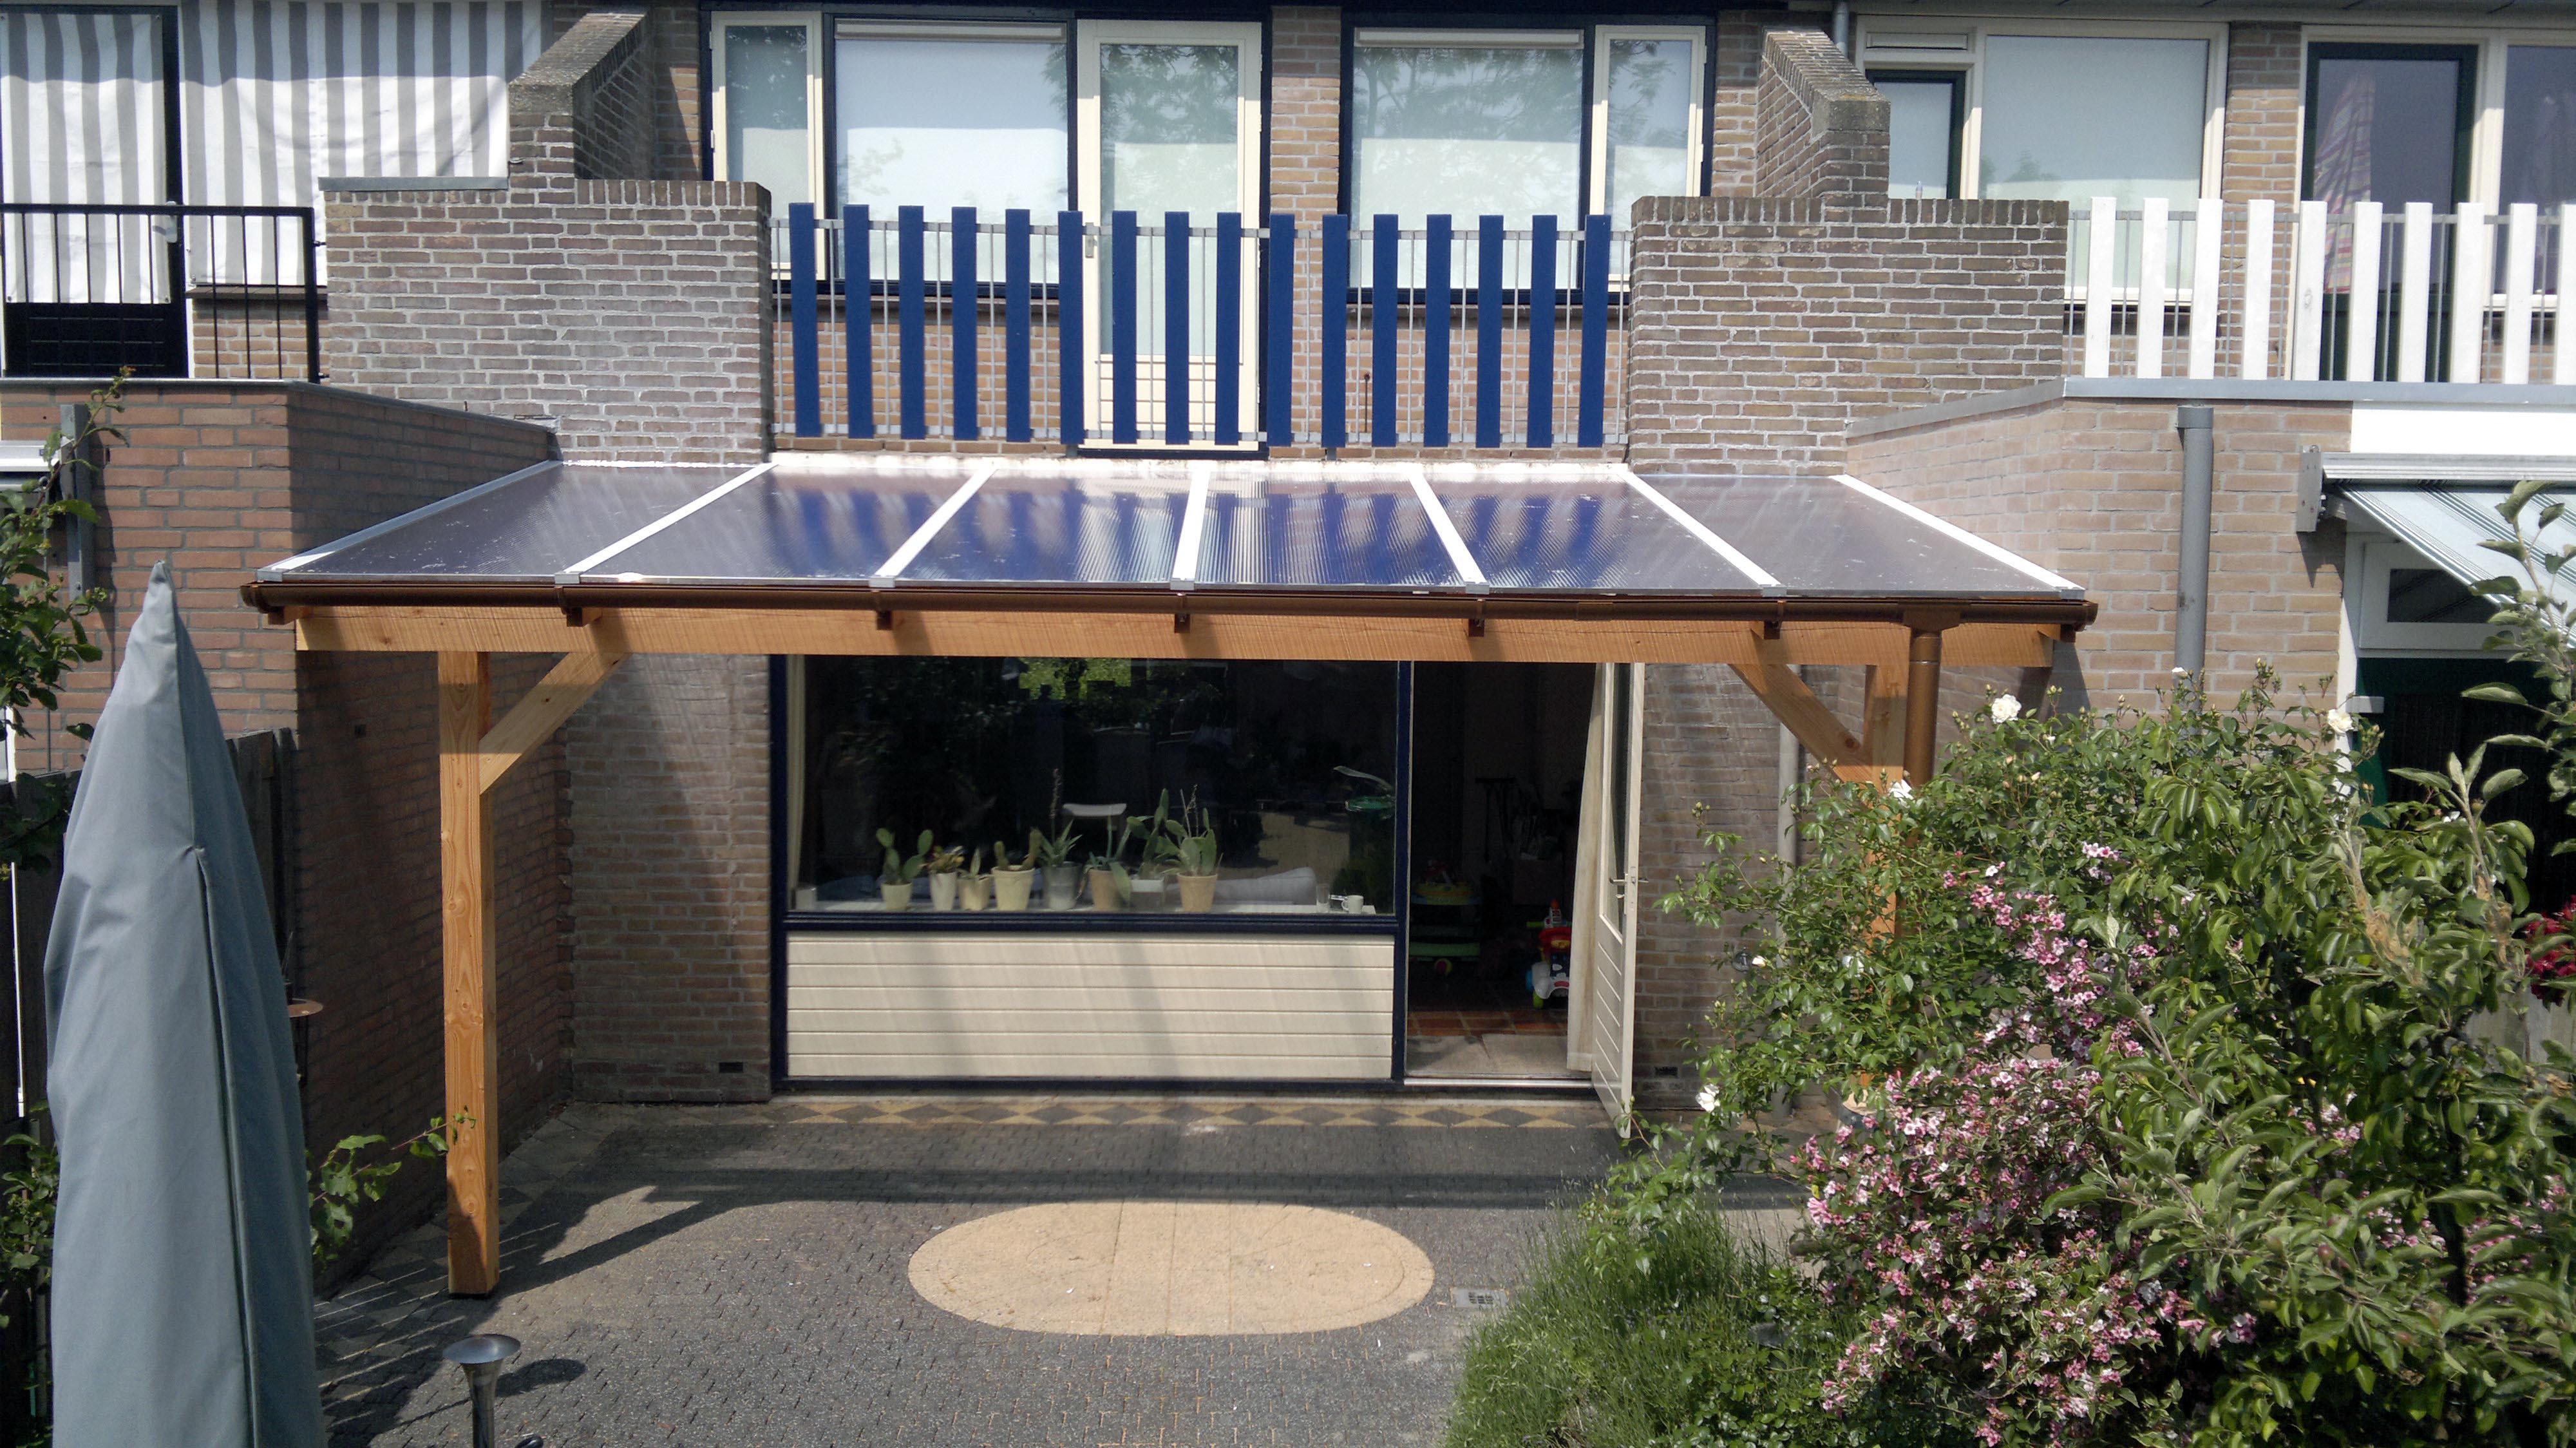 De meerwaarde van veranda plaza veranda plaza hier is alles veranda - Huis met veranda ...